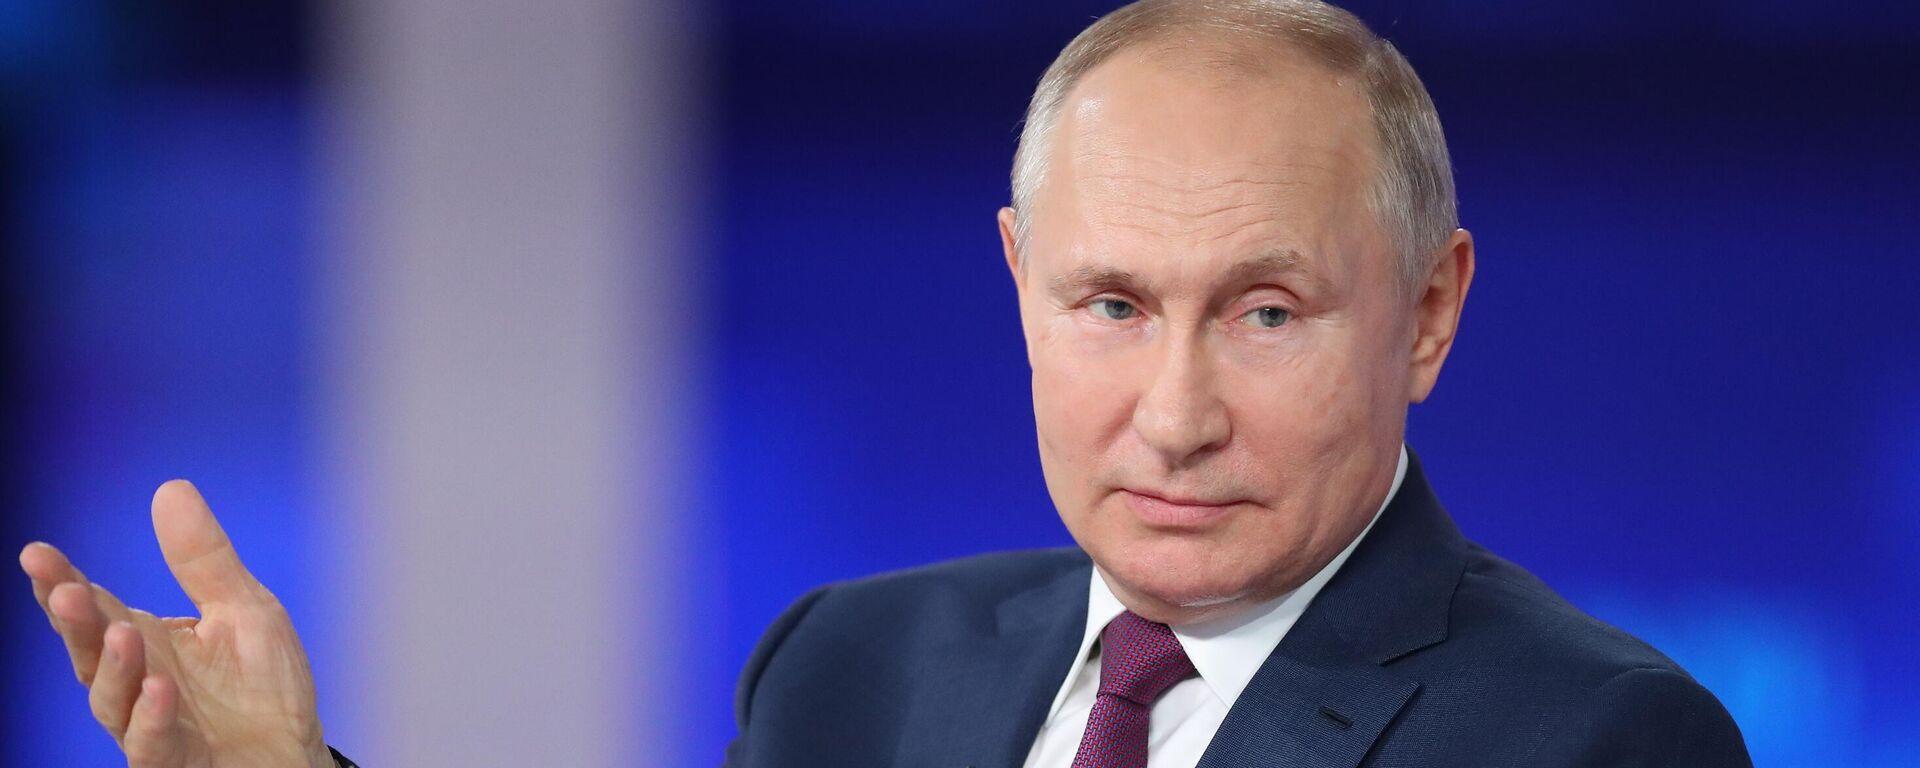 Президент РФ Владимир Путин - Sputnik Таджикистан, 1920, 30.06.2021